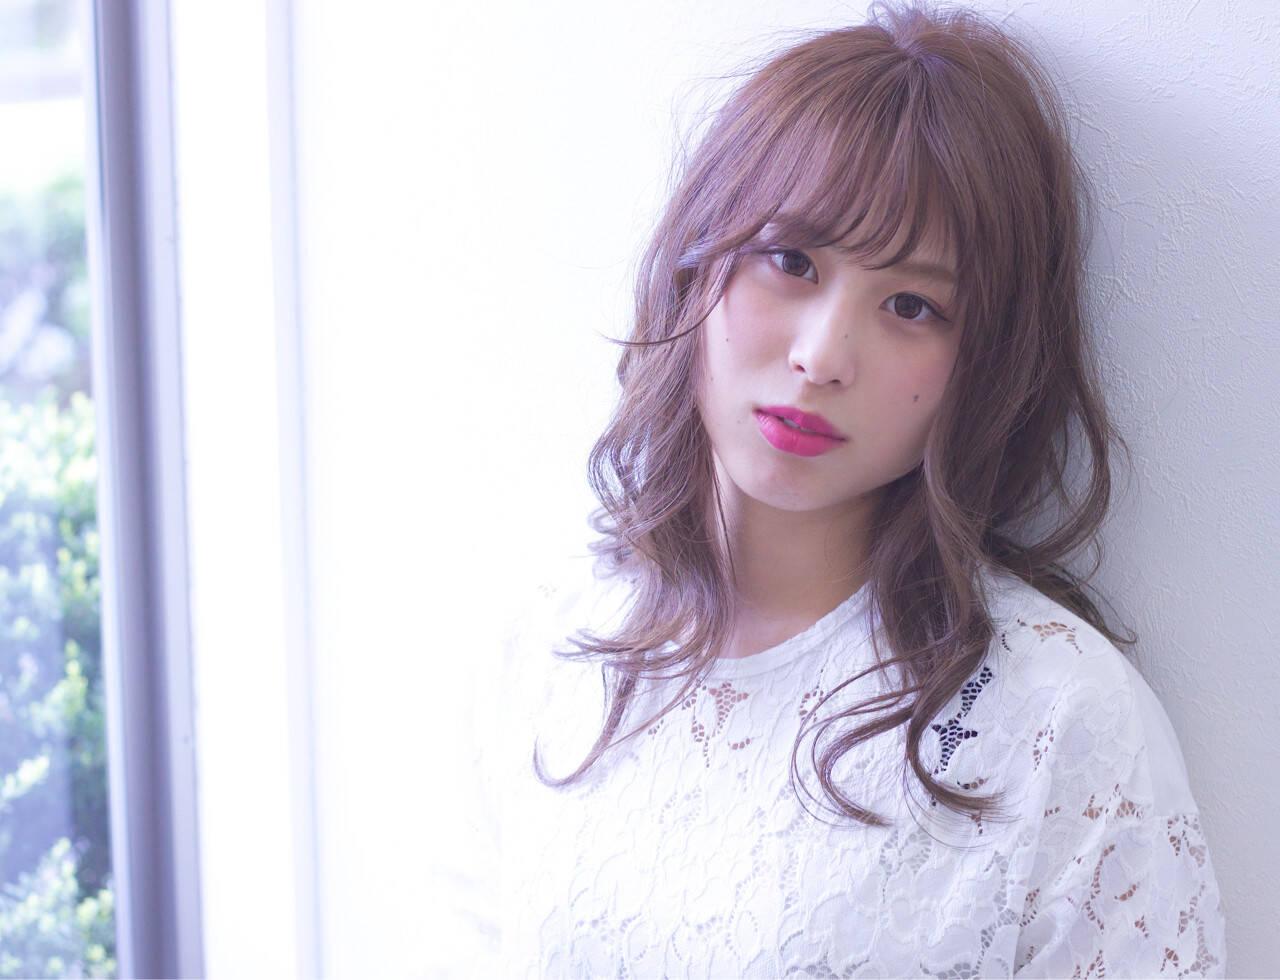 ミディアム ピンクアッシュ バレンタイン 謝恩会ヘアスタイルや髪型の写真・画像